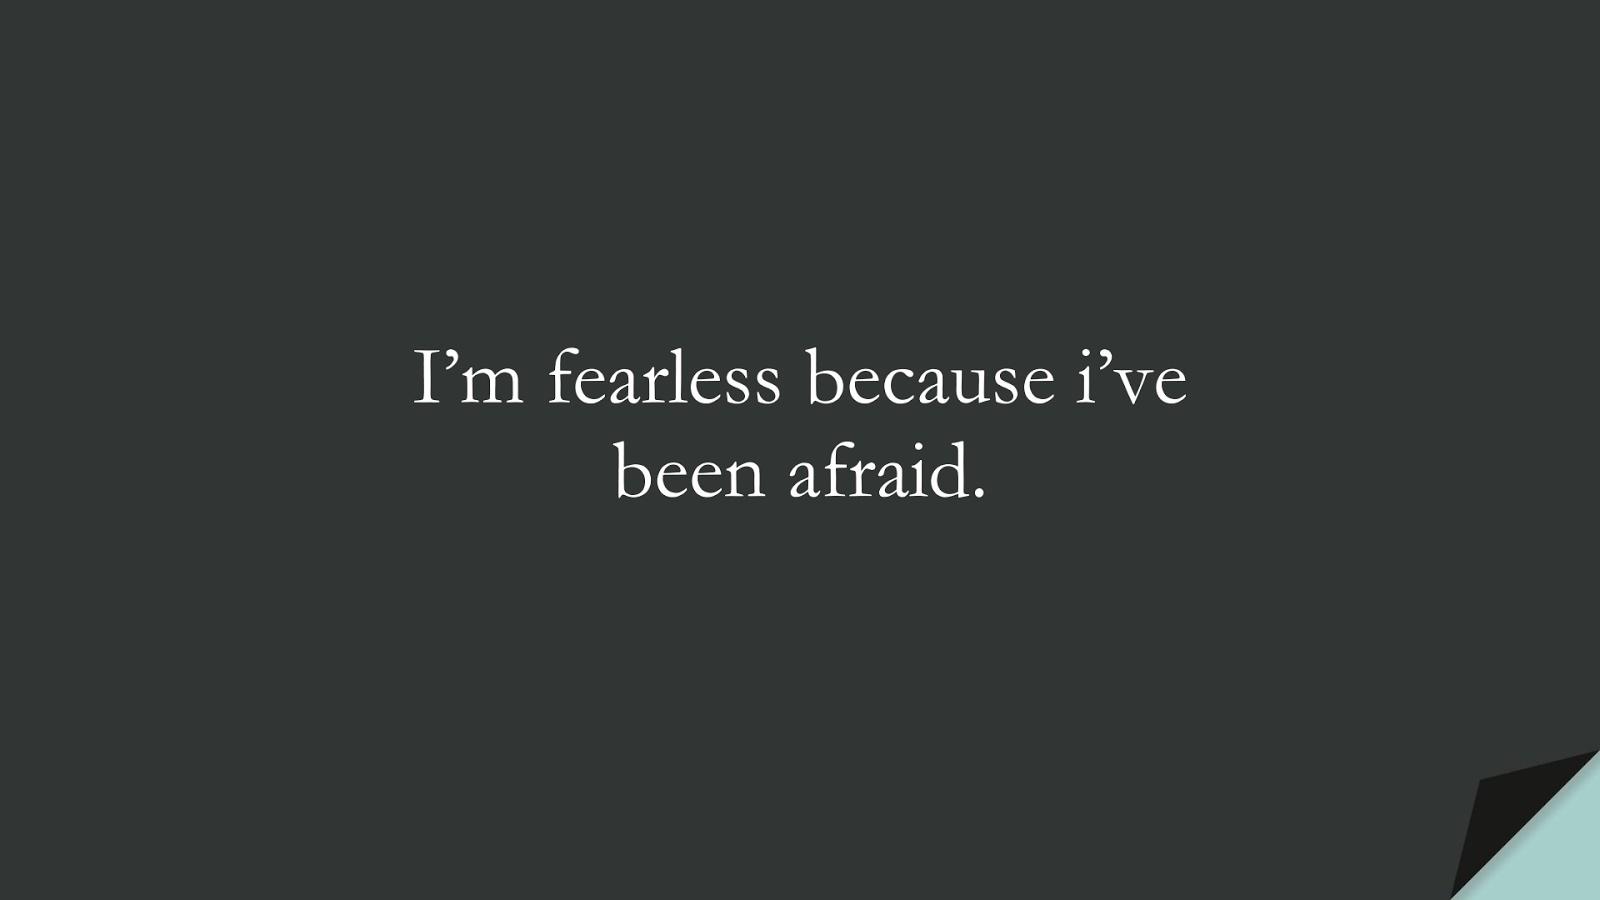 I'm fearless because i've been afraid.FALSE